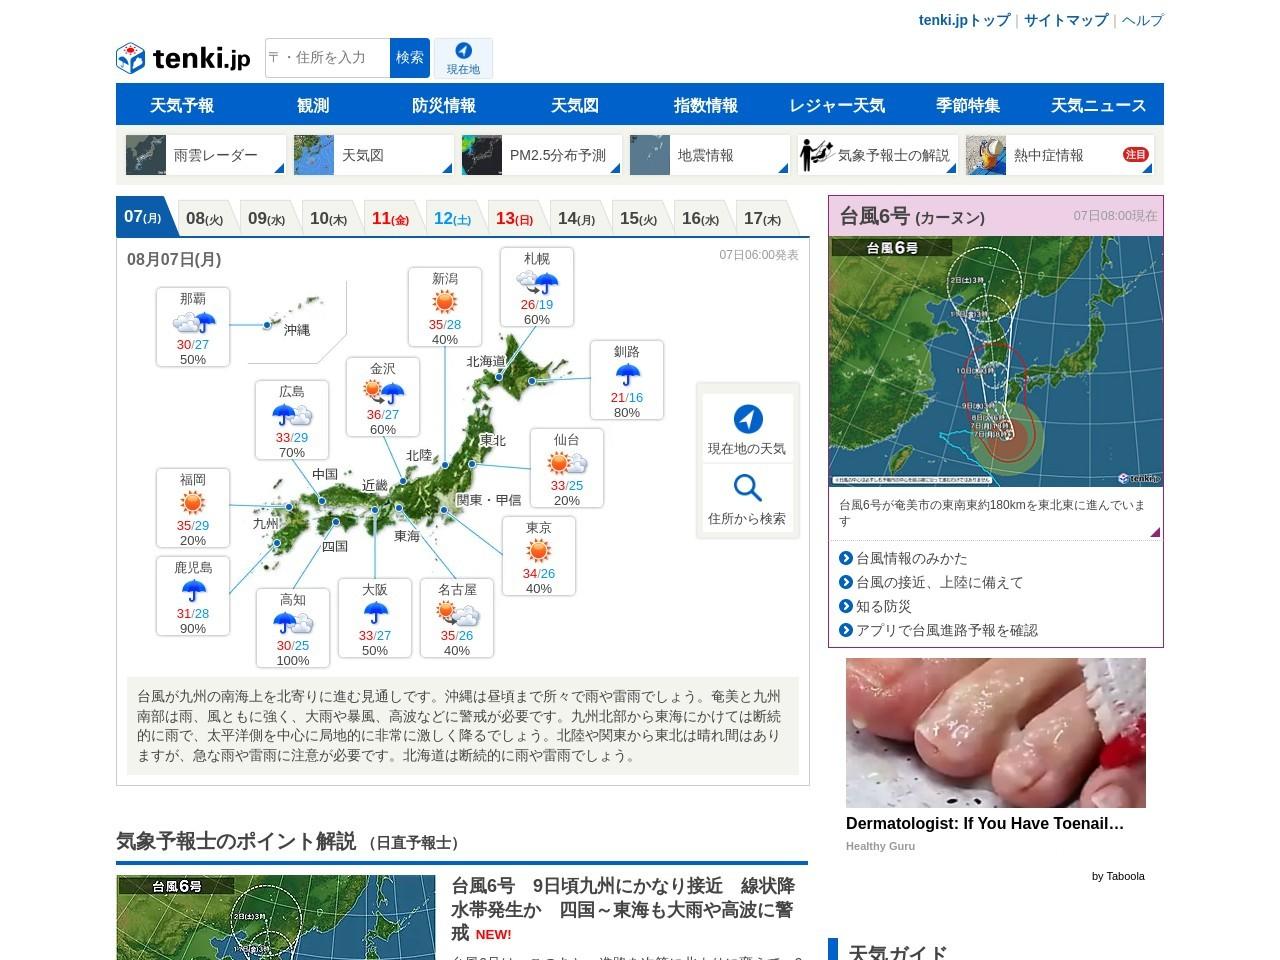 熱中症情報 – 日本気象協会 tenki.jp